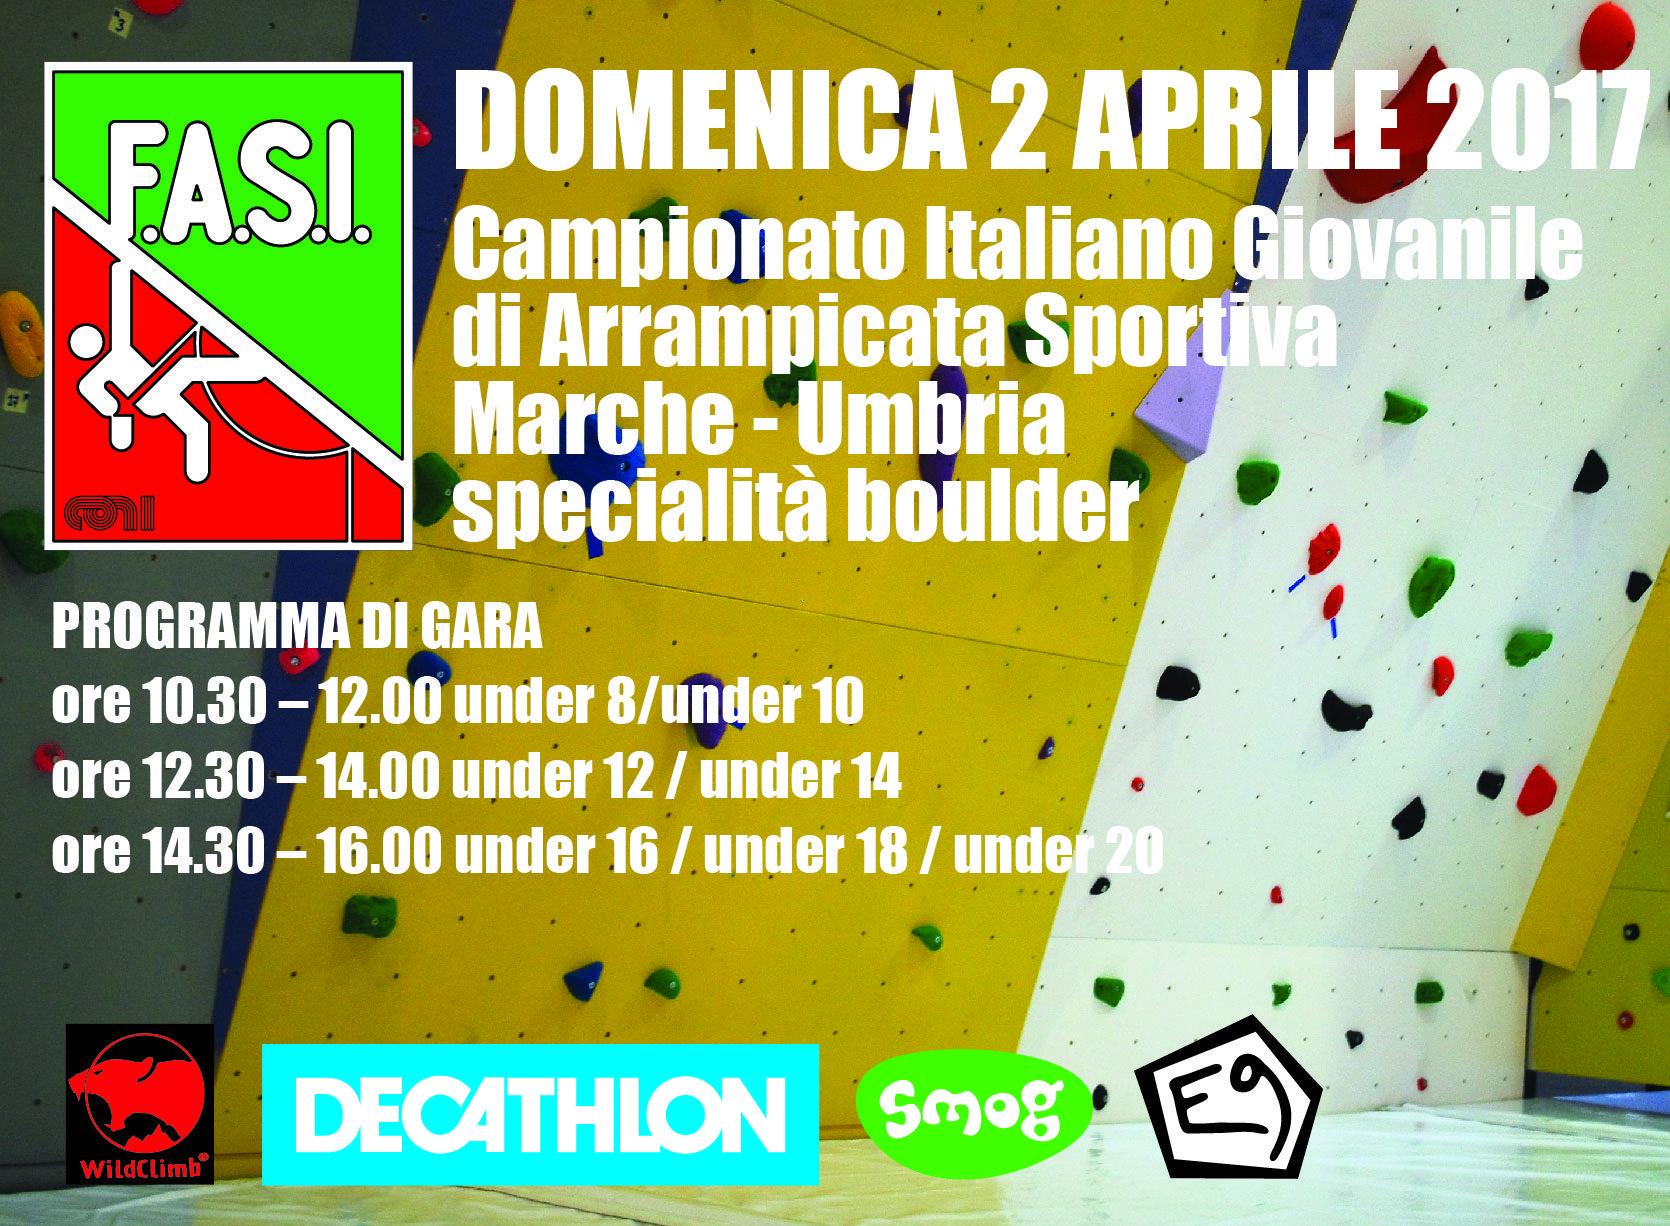 Campionato Italiano Giovanile di Arrampicata Sportiva